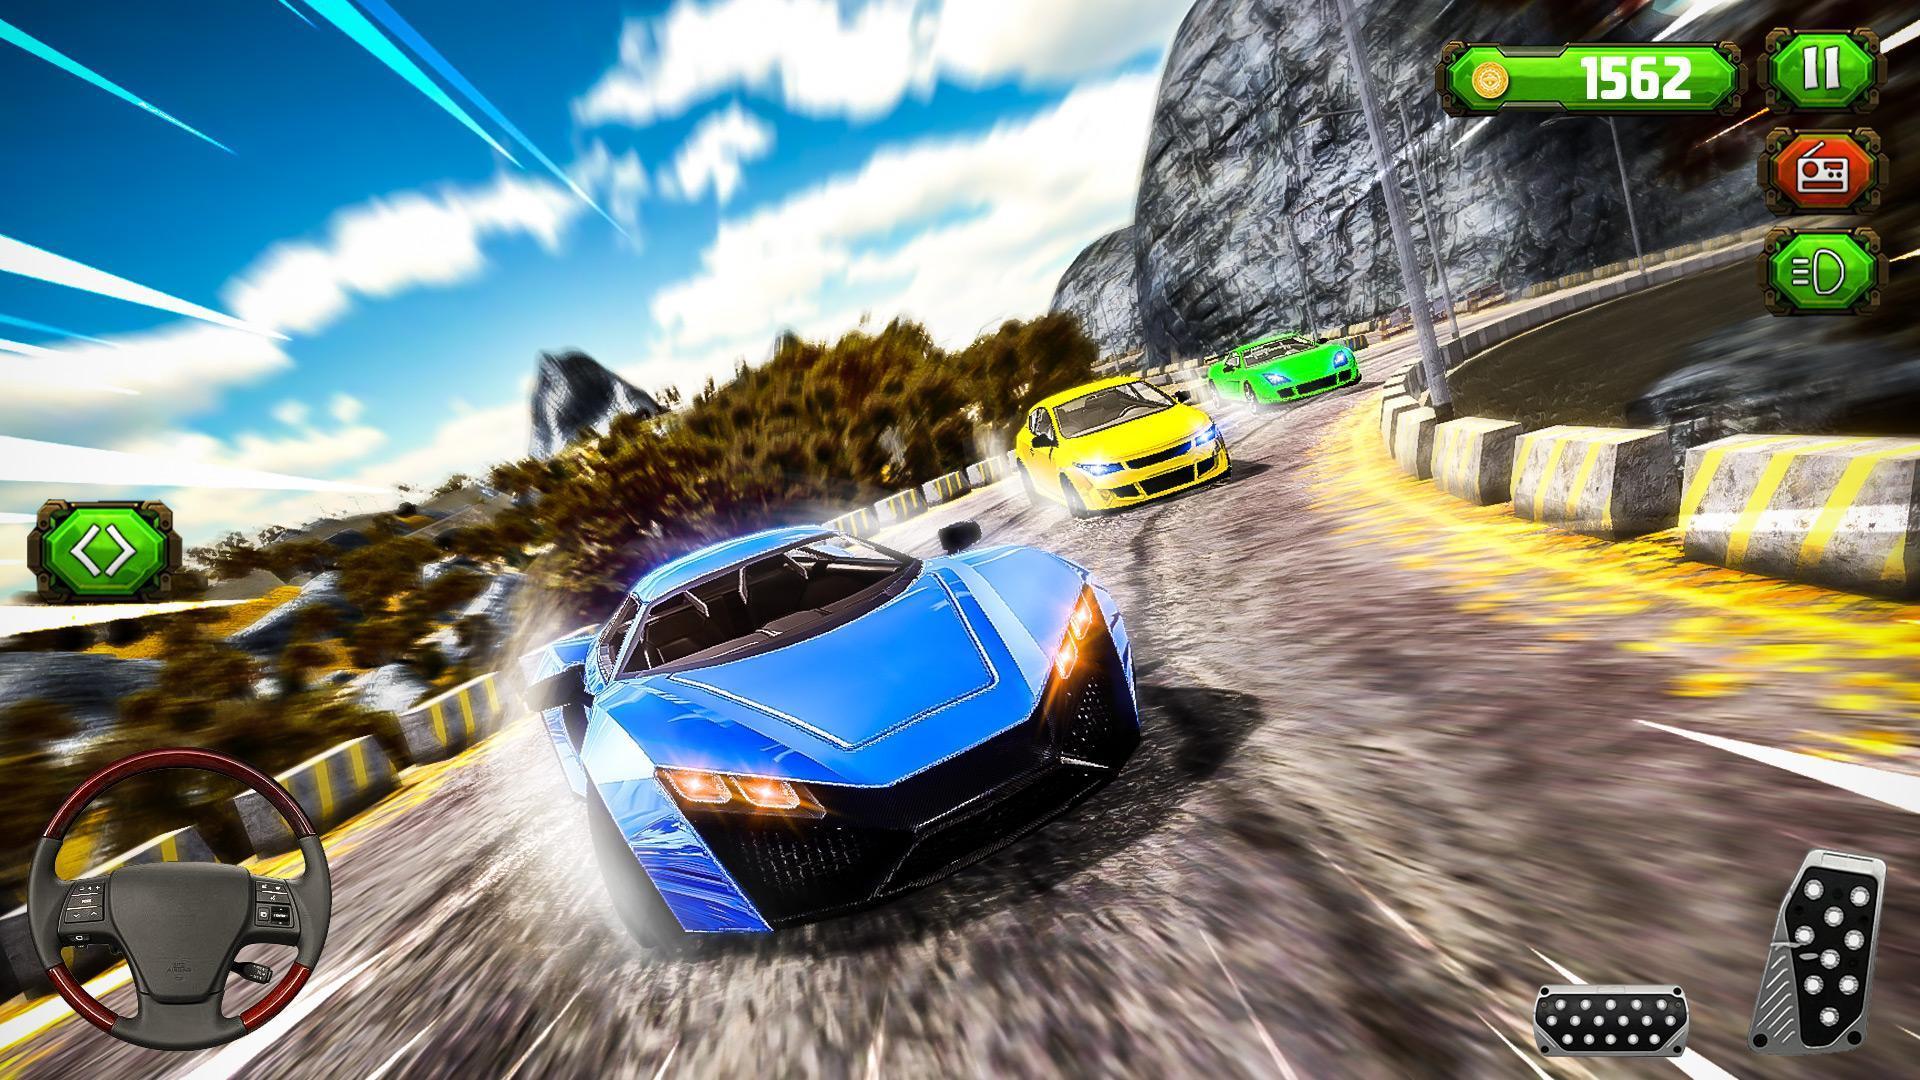 Jeux De Voiture 2020: Jeu De Course Automobile Pour Android avec Jeux De Voiture De Cours